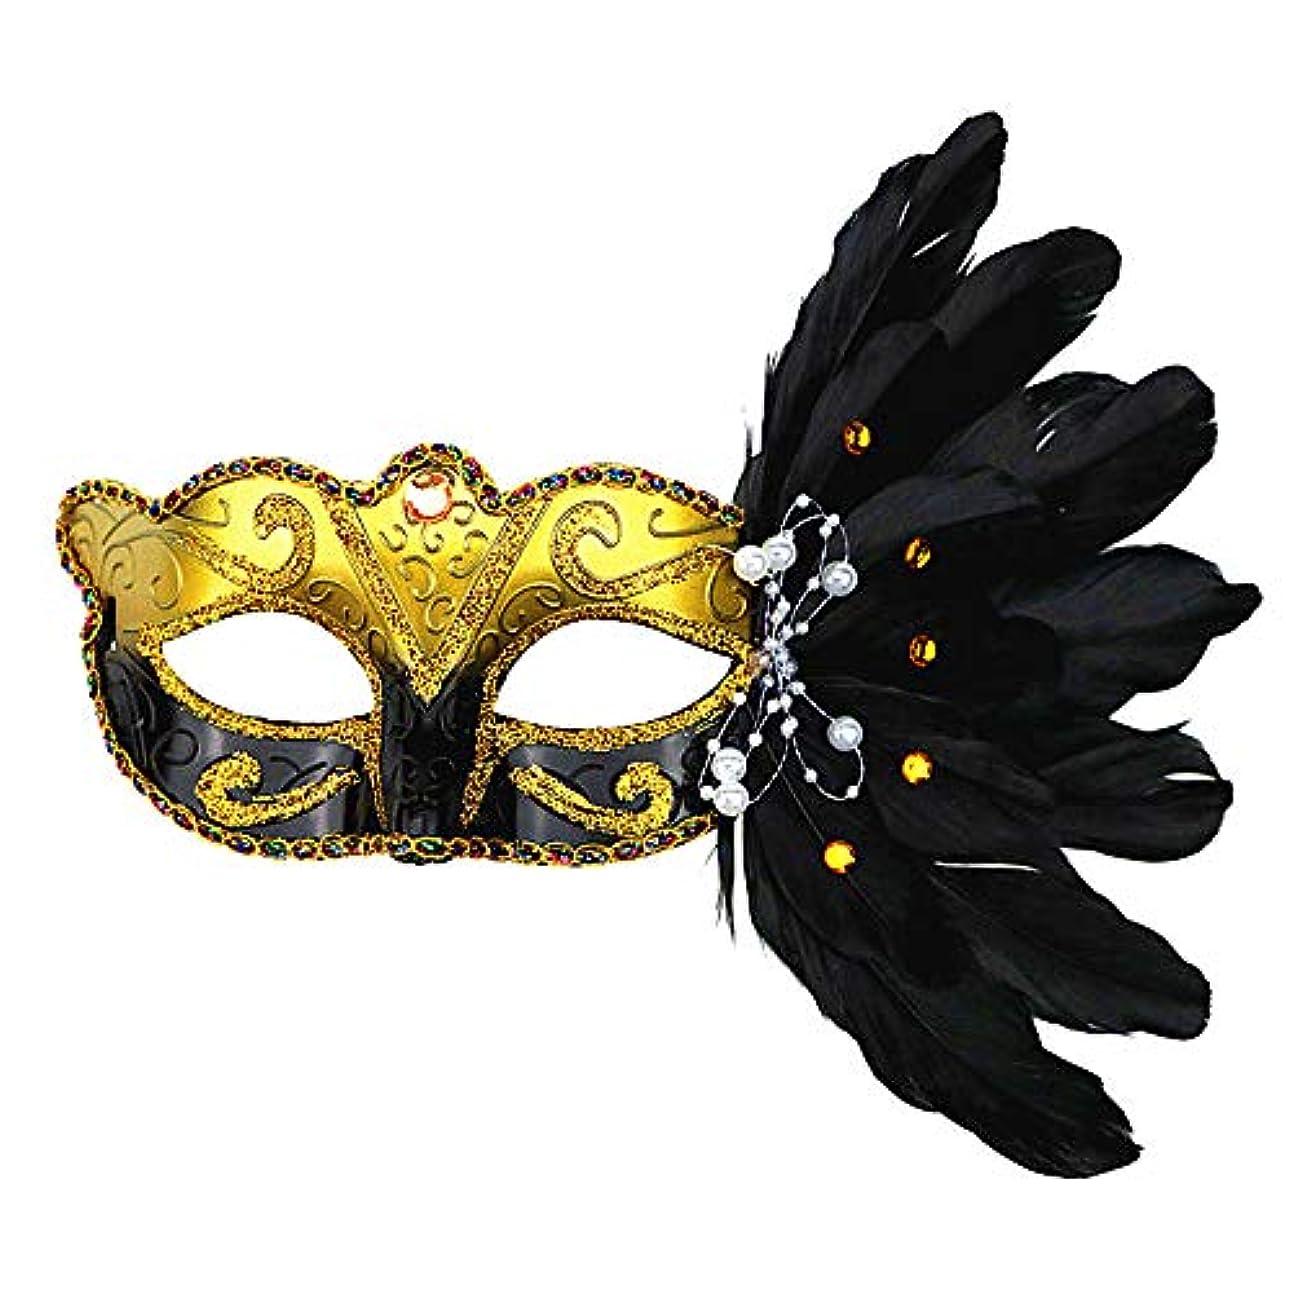 ダブルアジテーションローブAuntwhale ハロウィーンマスク大人恐怖コスチューム、ペイントフェザーファンシーマスカレードパーティーハロウィンマスク、フェスティバル通気性ギフトヘッドマスク